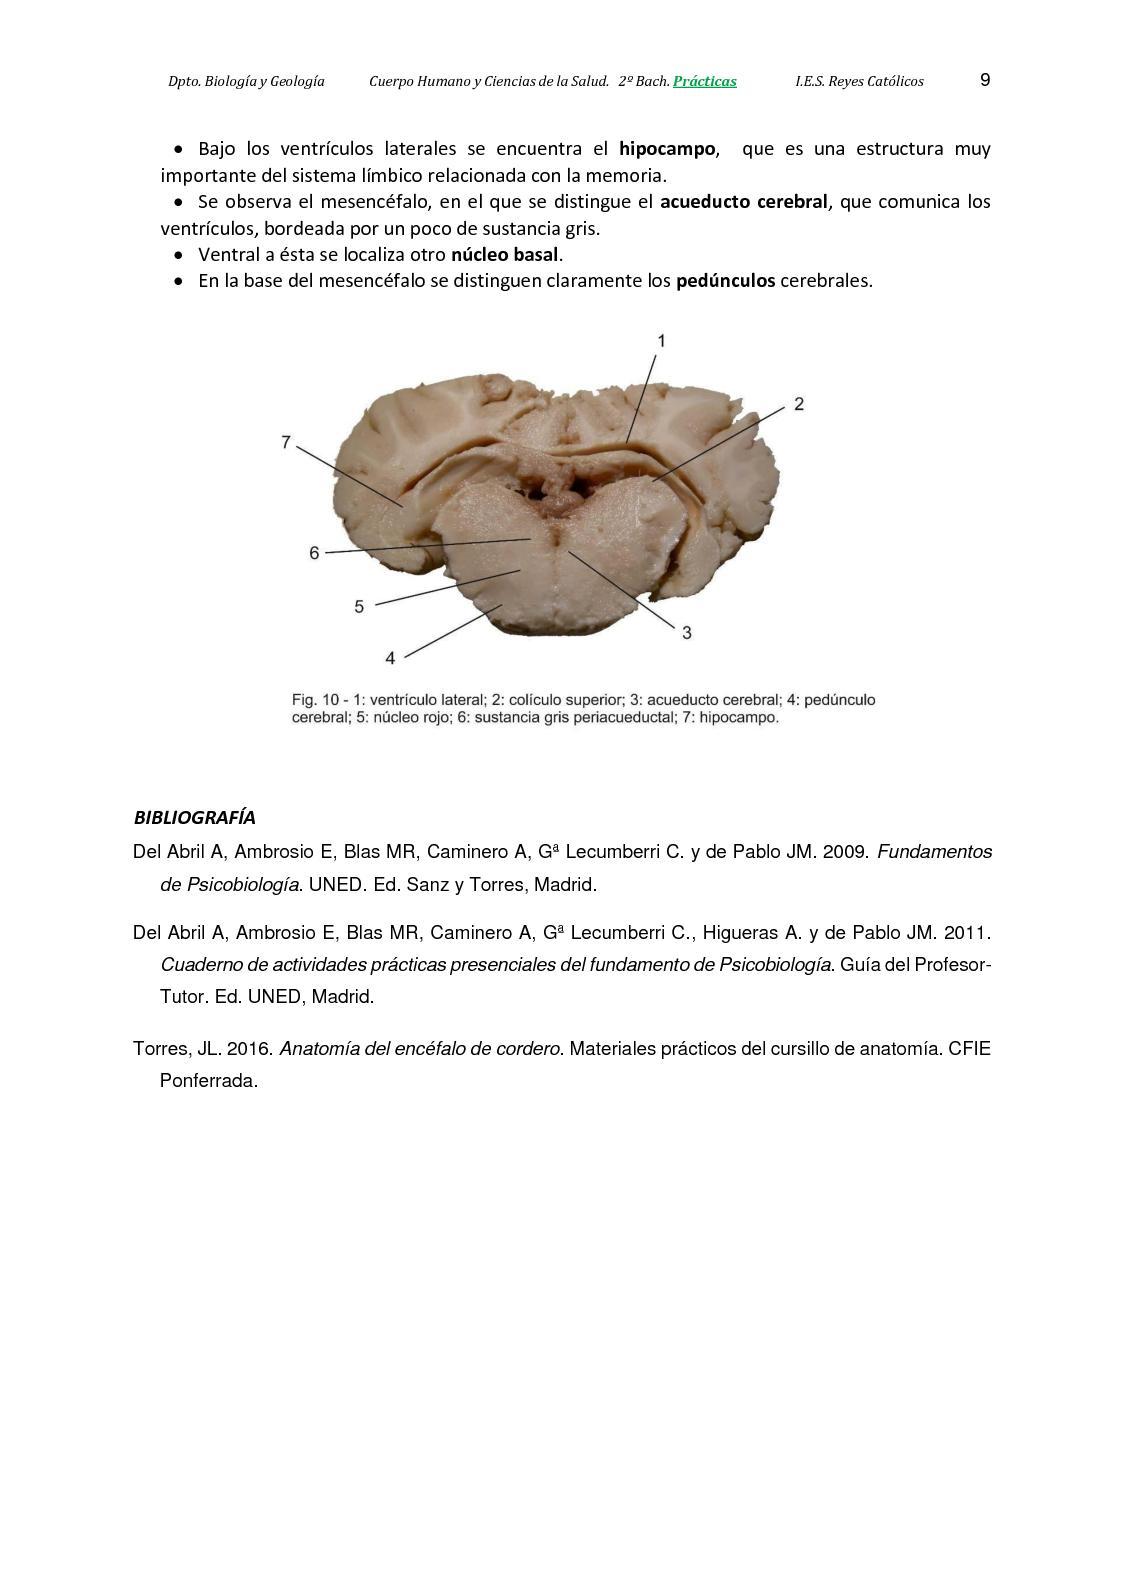 Lujoso Grises Anatomía 3 Foto - Anatomía de Las Imágenesdel Cuerpo ...